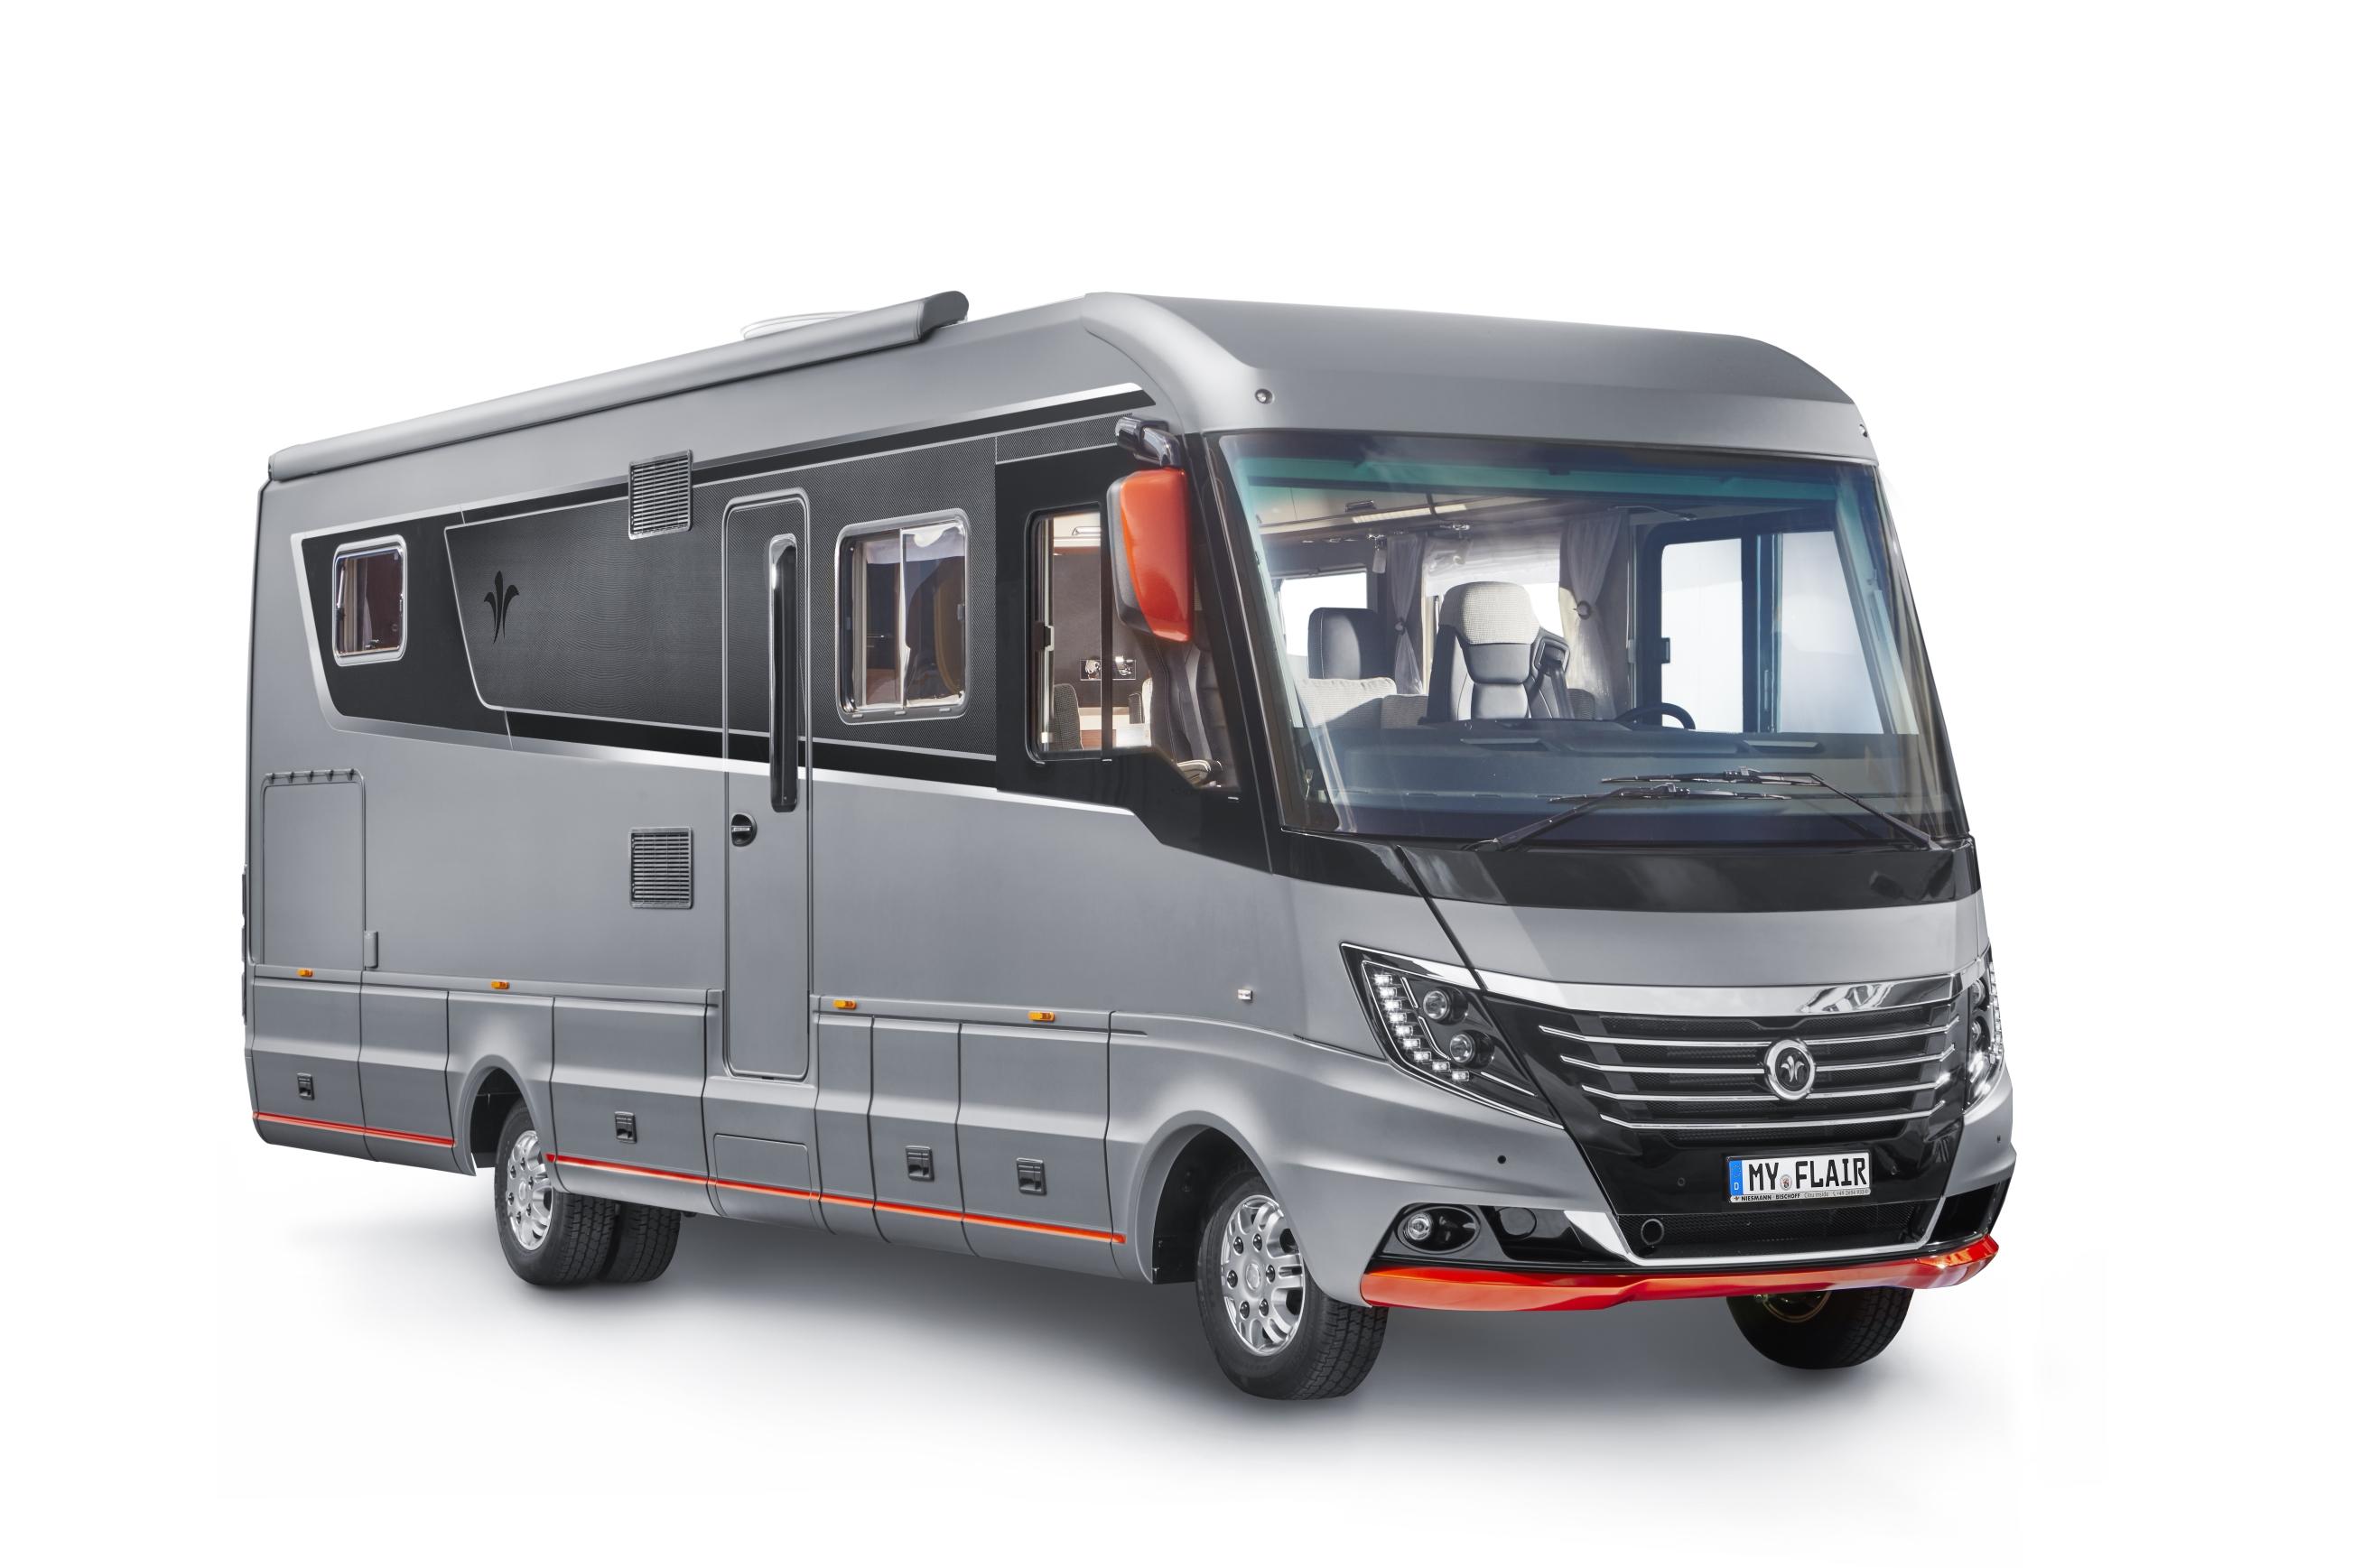 Flair – Unser Luxus Wohnmobil I NIESMANN+BISCHOFF